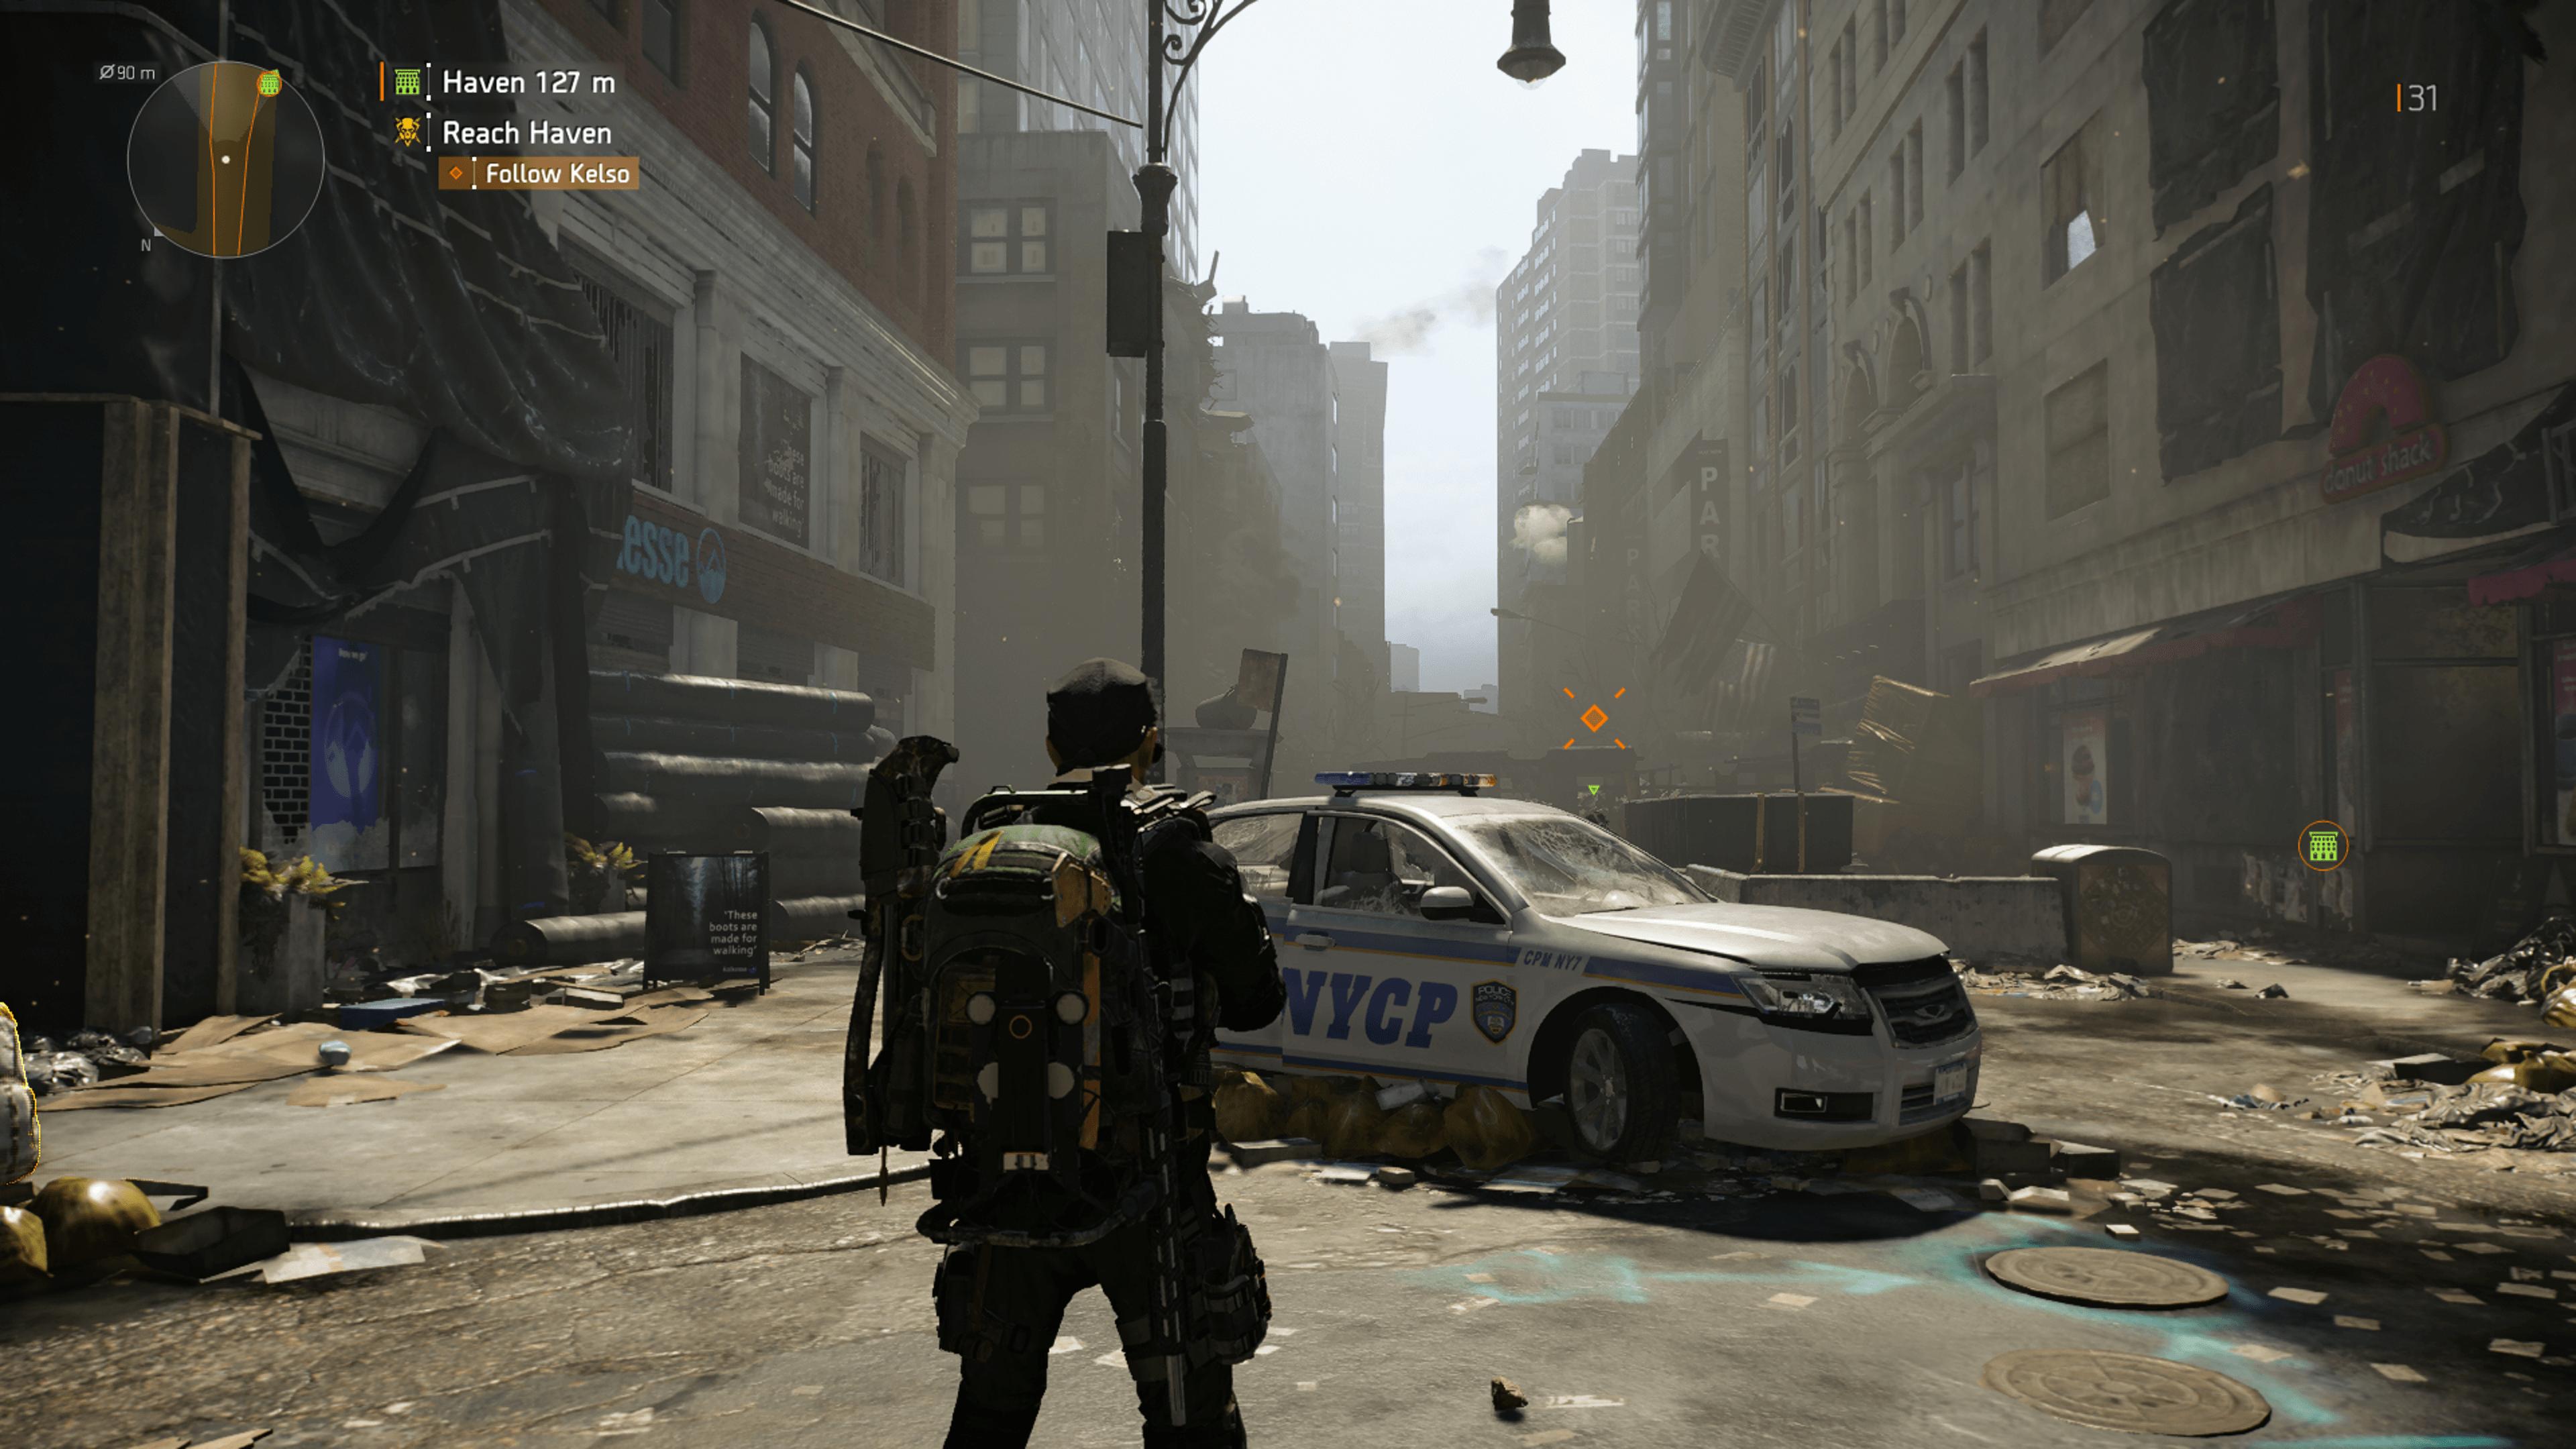 Les amateurs de la franchise seront heureux de retrouver les rues de New York, ville où se déroulait le premier titre